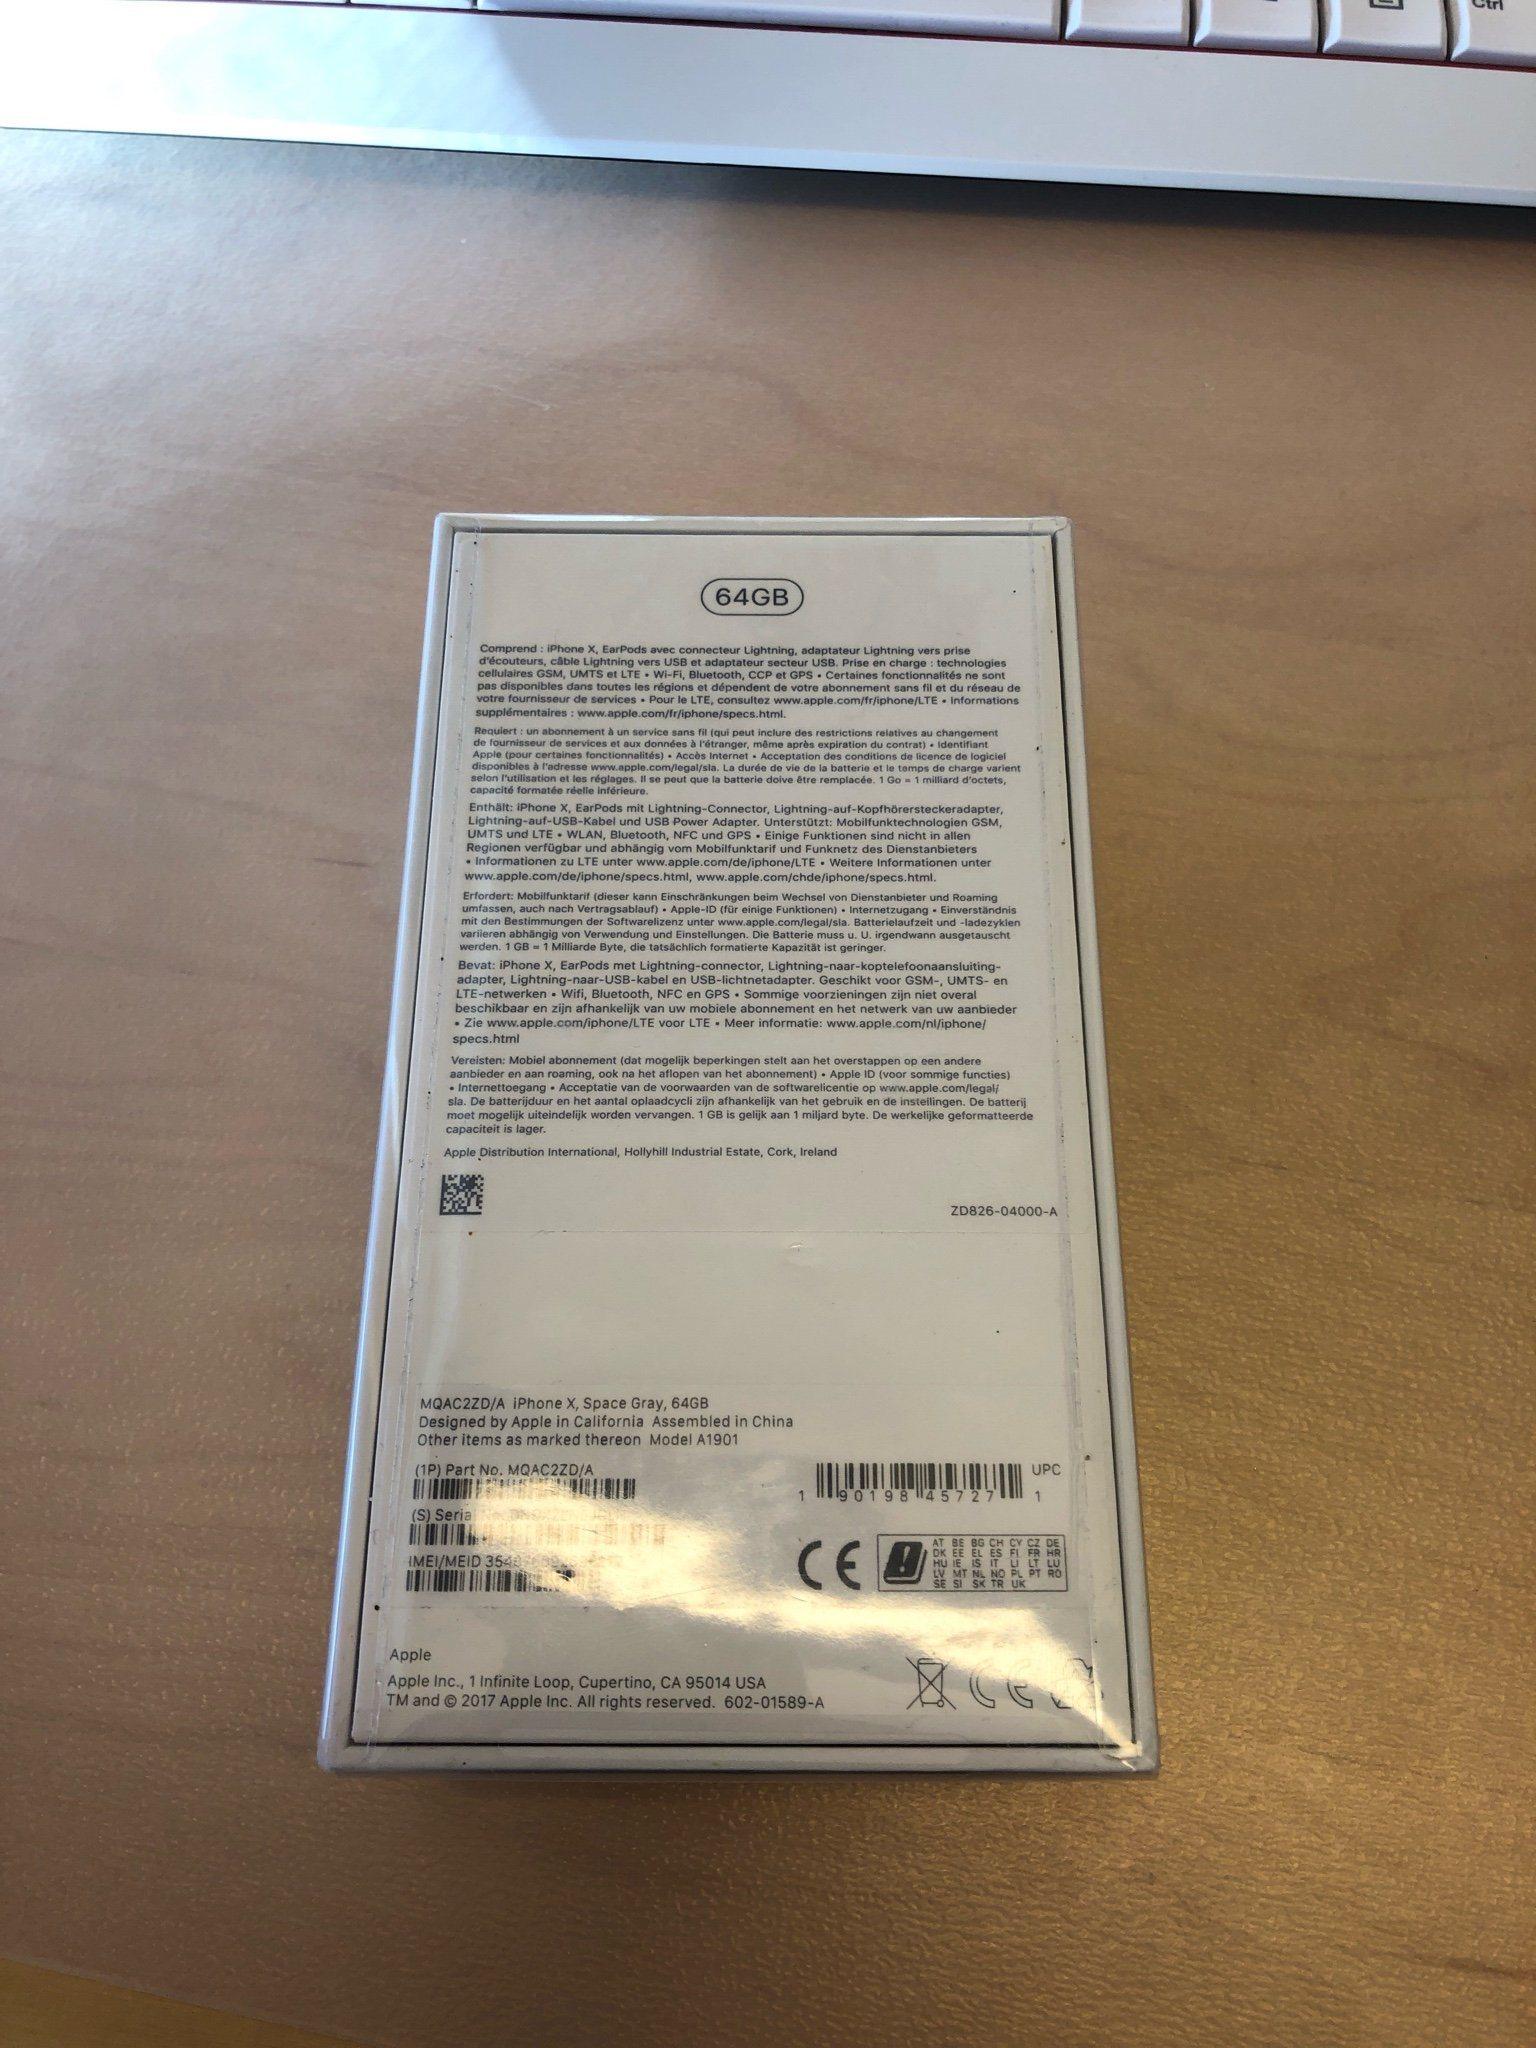 iPhone X oöppnad (Kvitto medföljer) (341623261) ᐈ Köp på Tradera 5114e580bd2c6